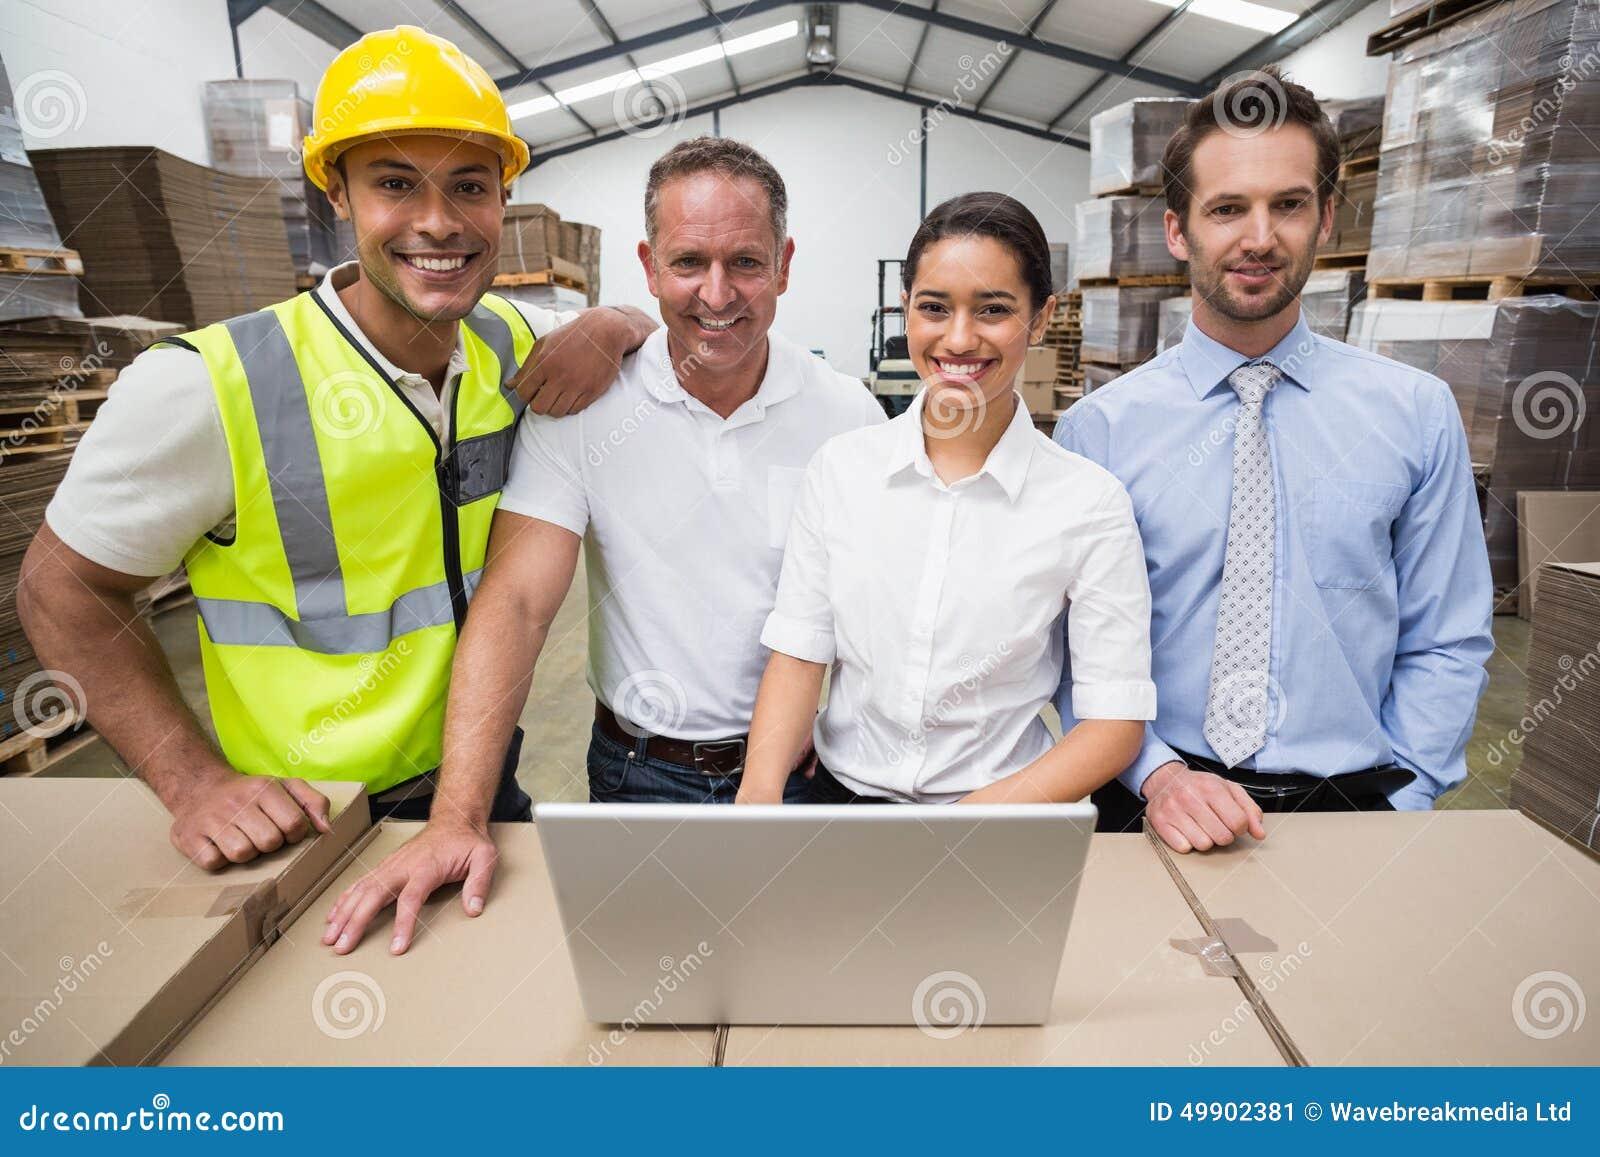 Lagermanager und -arbeitskraft, die an der Kamera lächeln